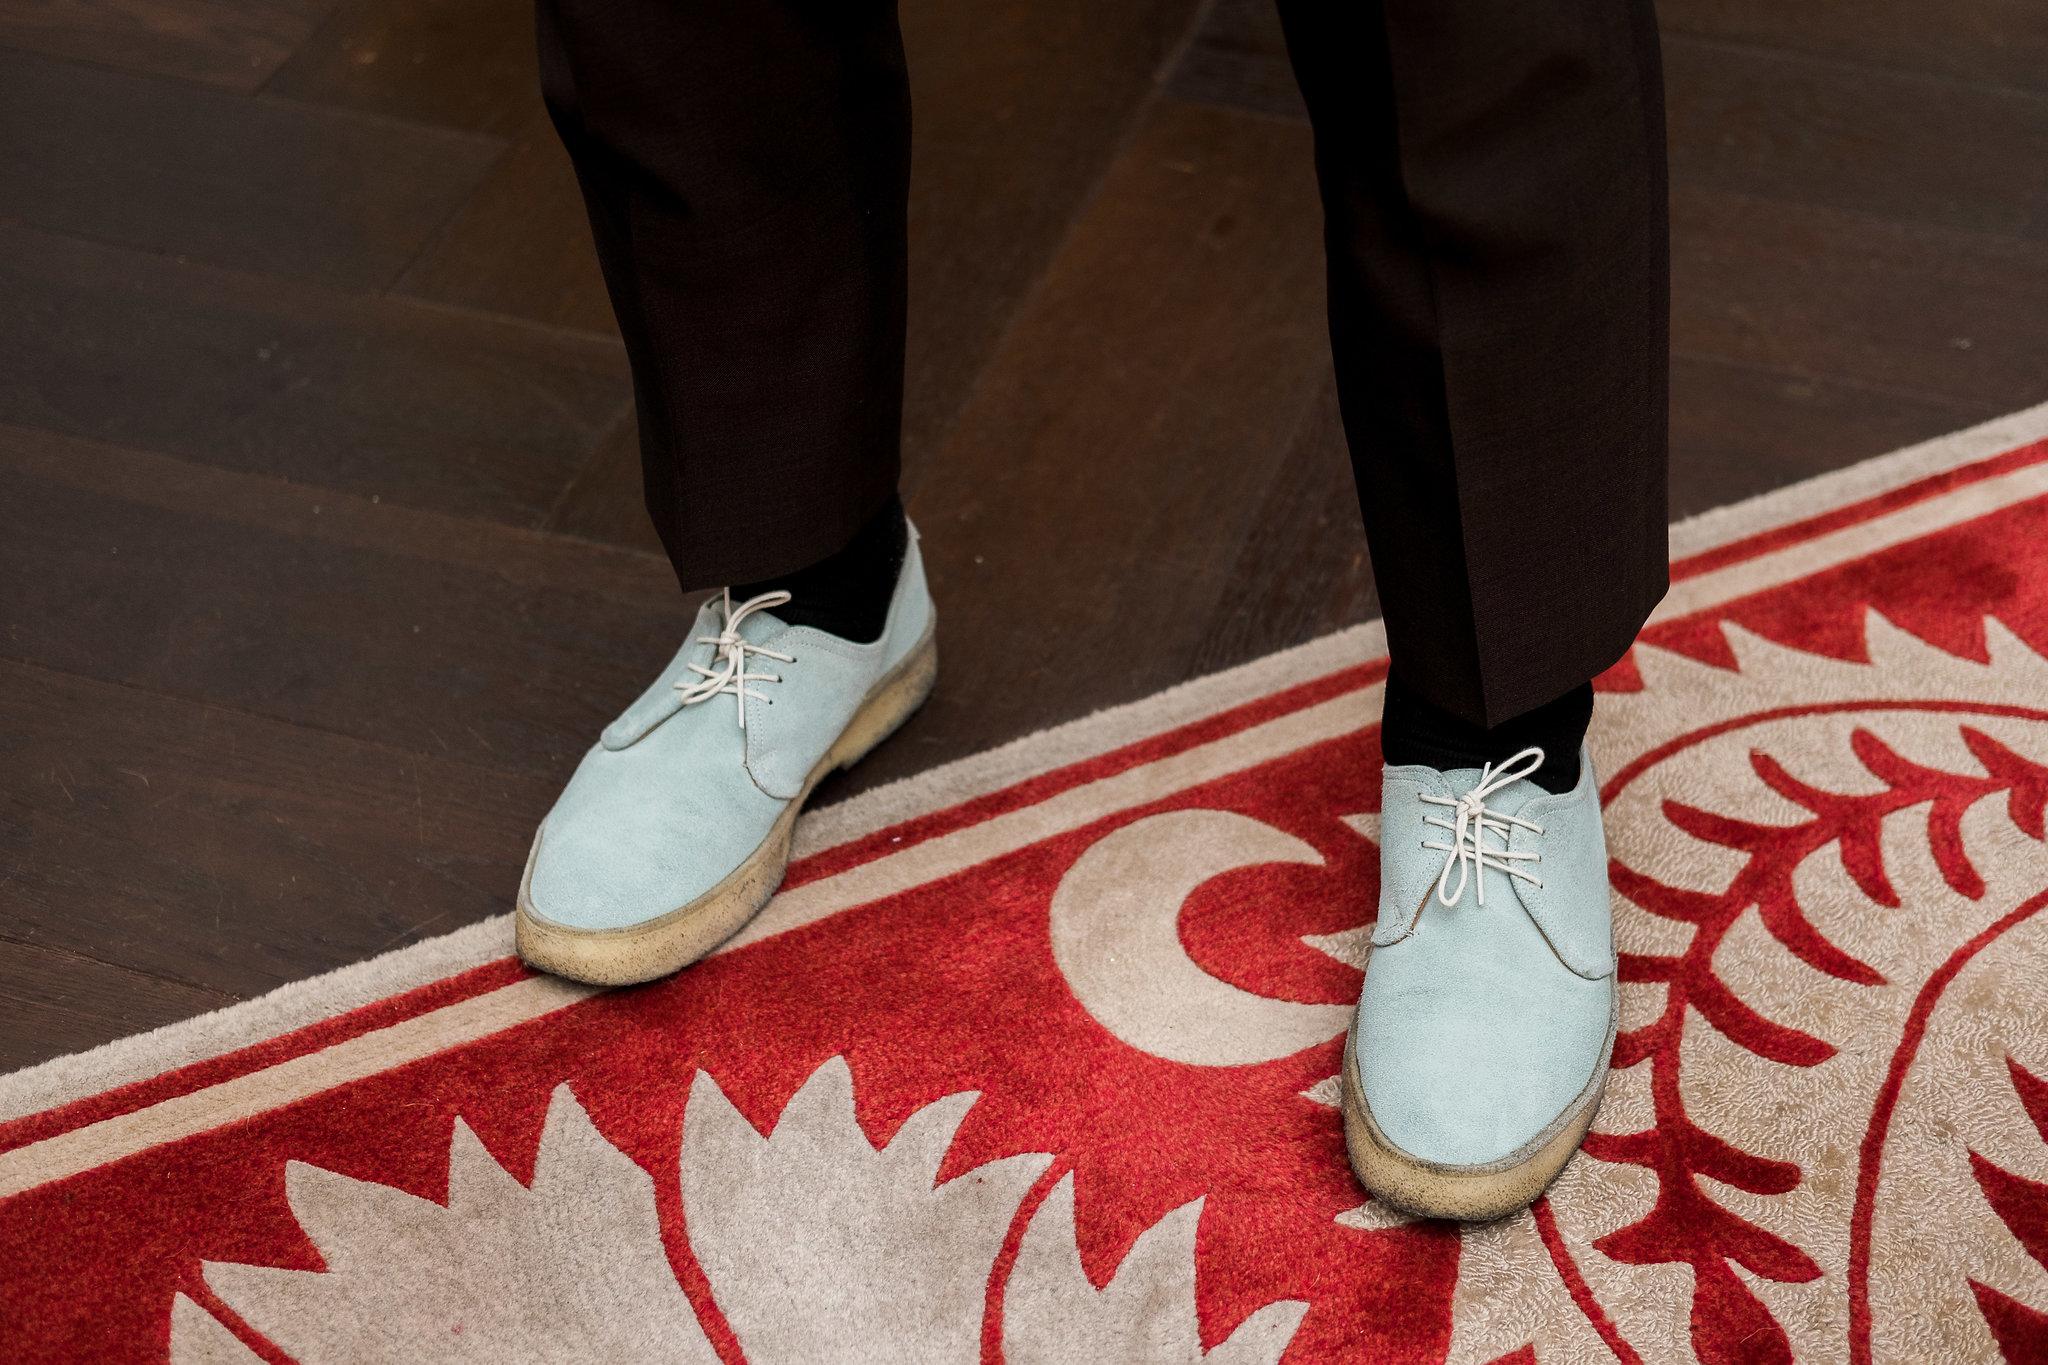 Groom's stylish wedding shoes